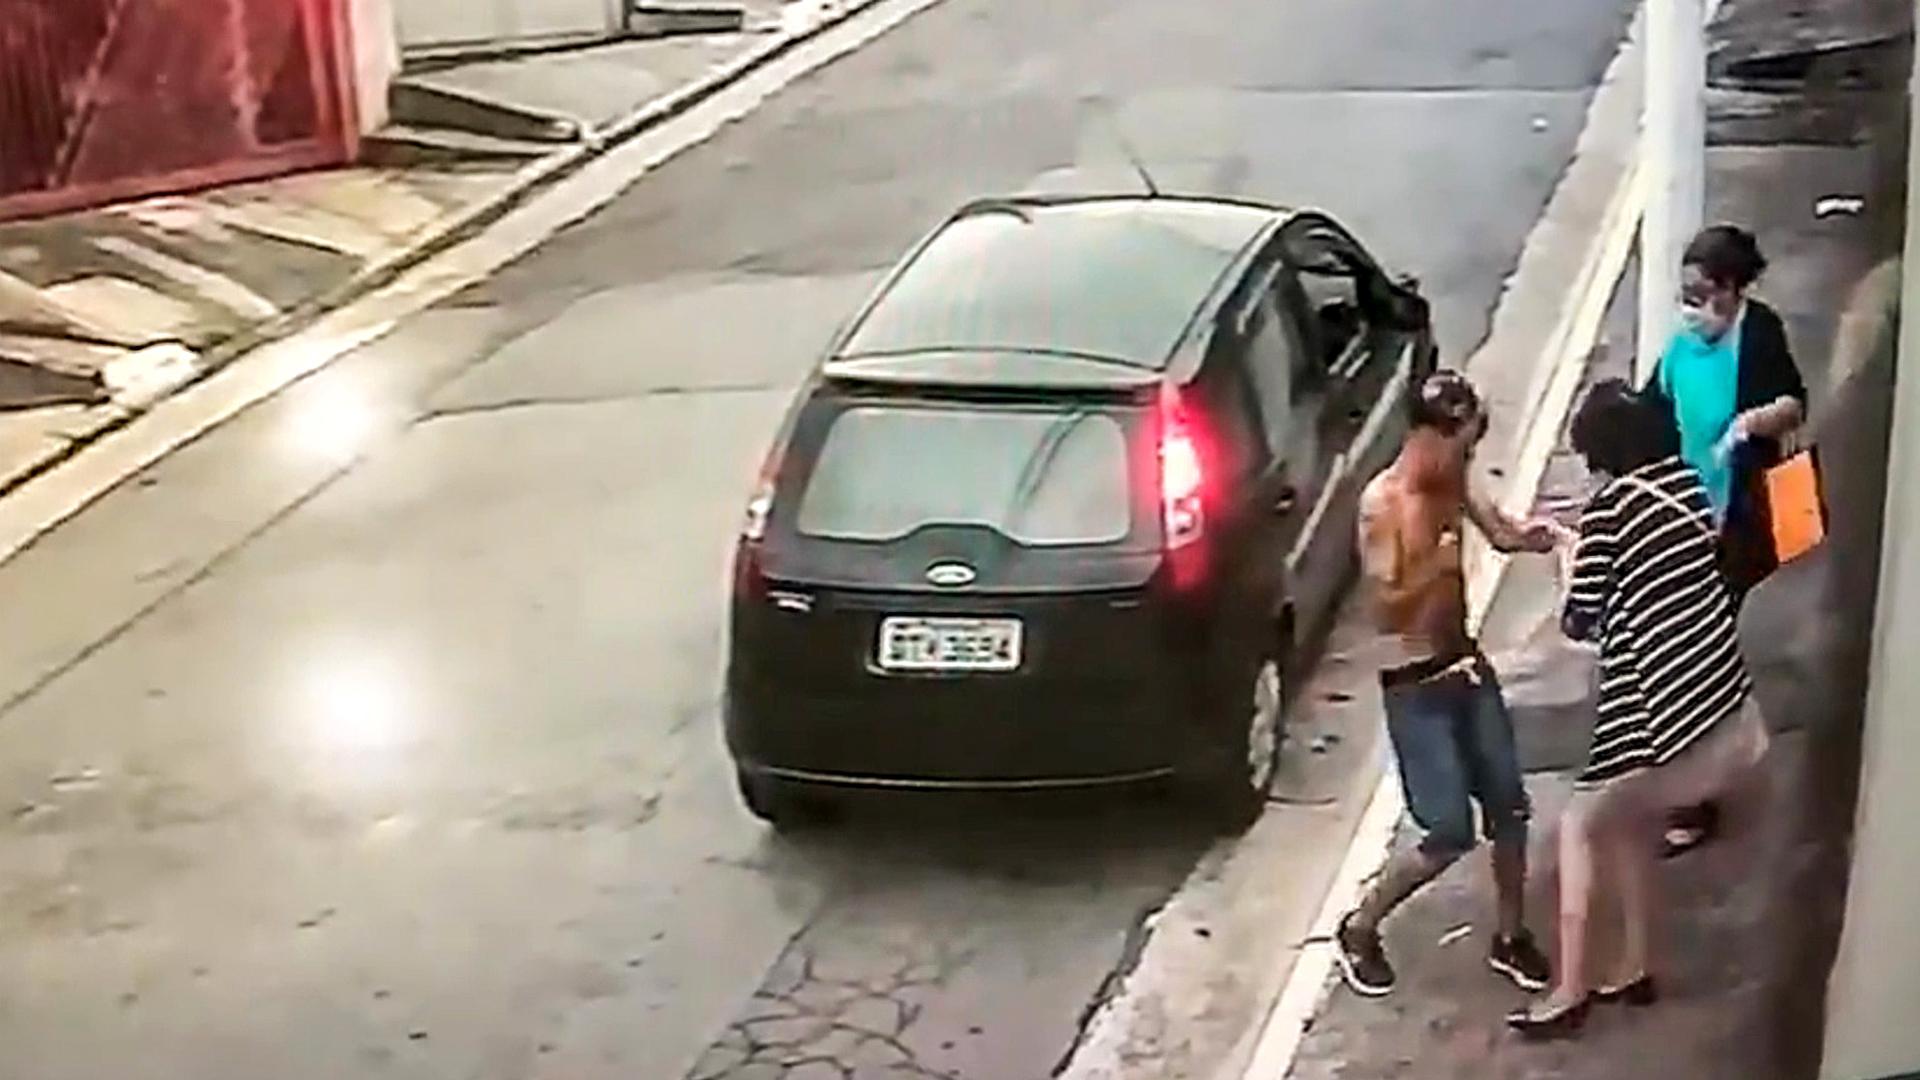 VIDEO: Hopeless Bag Snatcher Beaten Up by Two Women